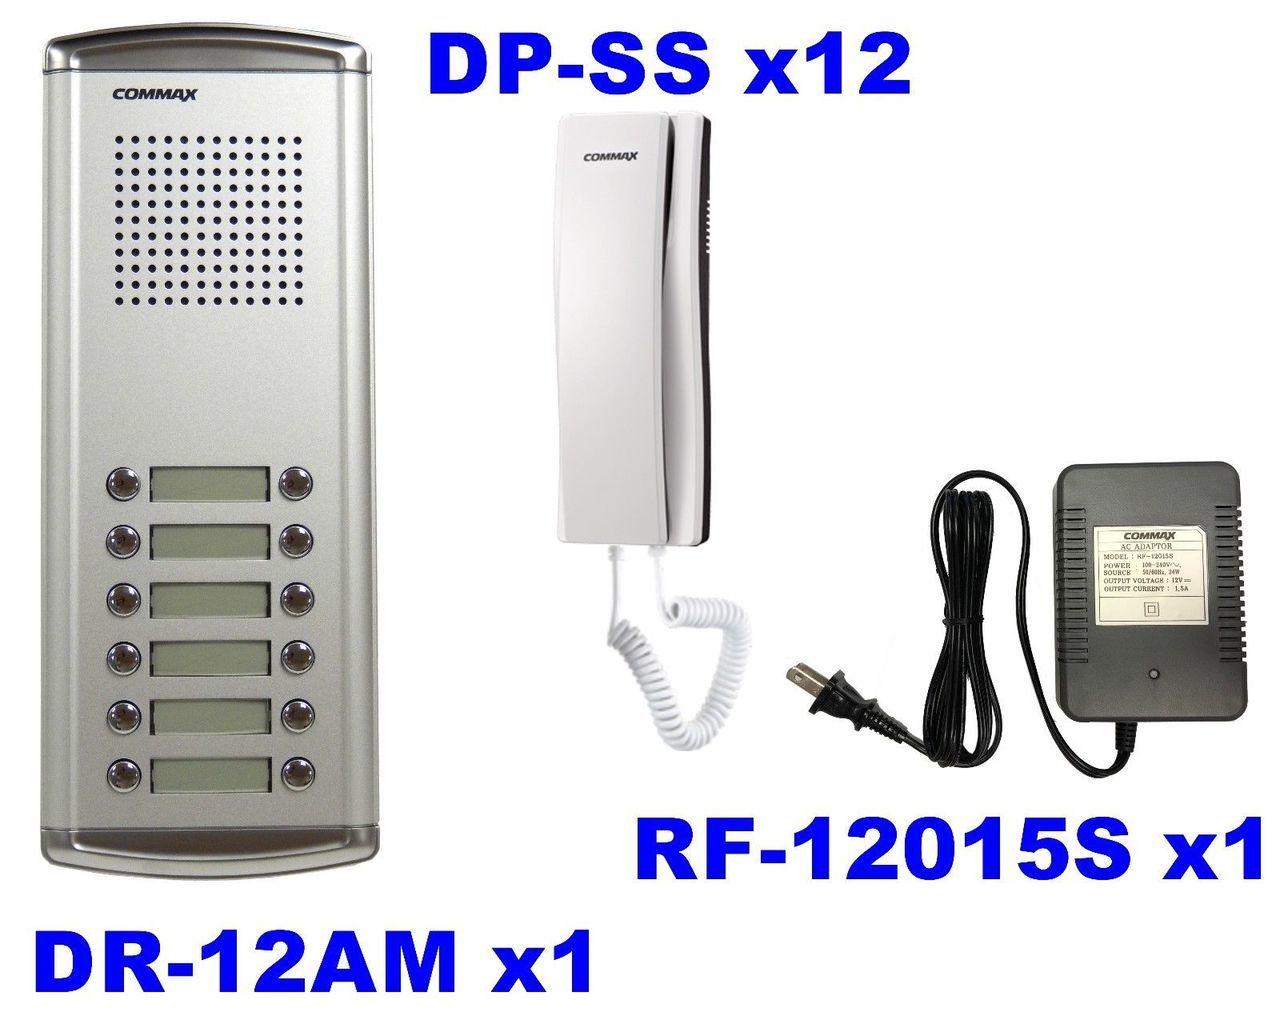 Cool Commax 12 Apartment Audio Intercom Kit Dr 12Am X1 Dp Ss X12 Ac Adaptor X1 Wiring Cloud Licukshollocom